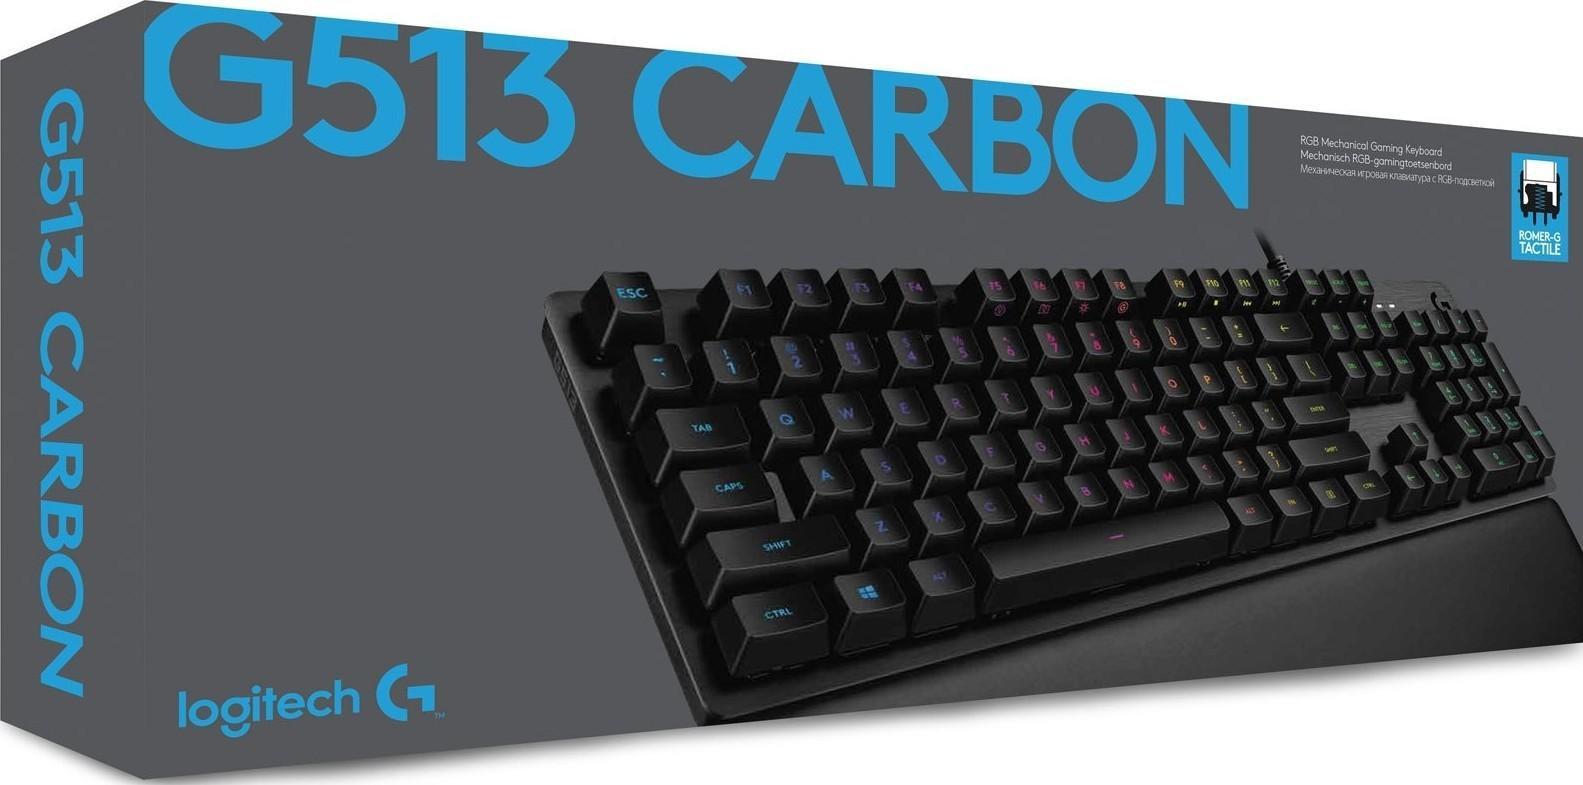 0480ebffd07 Logitech G513 Carbon RGB Mechanical Gaming Keyboard- Tactile Switch ...